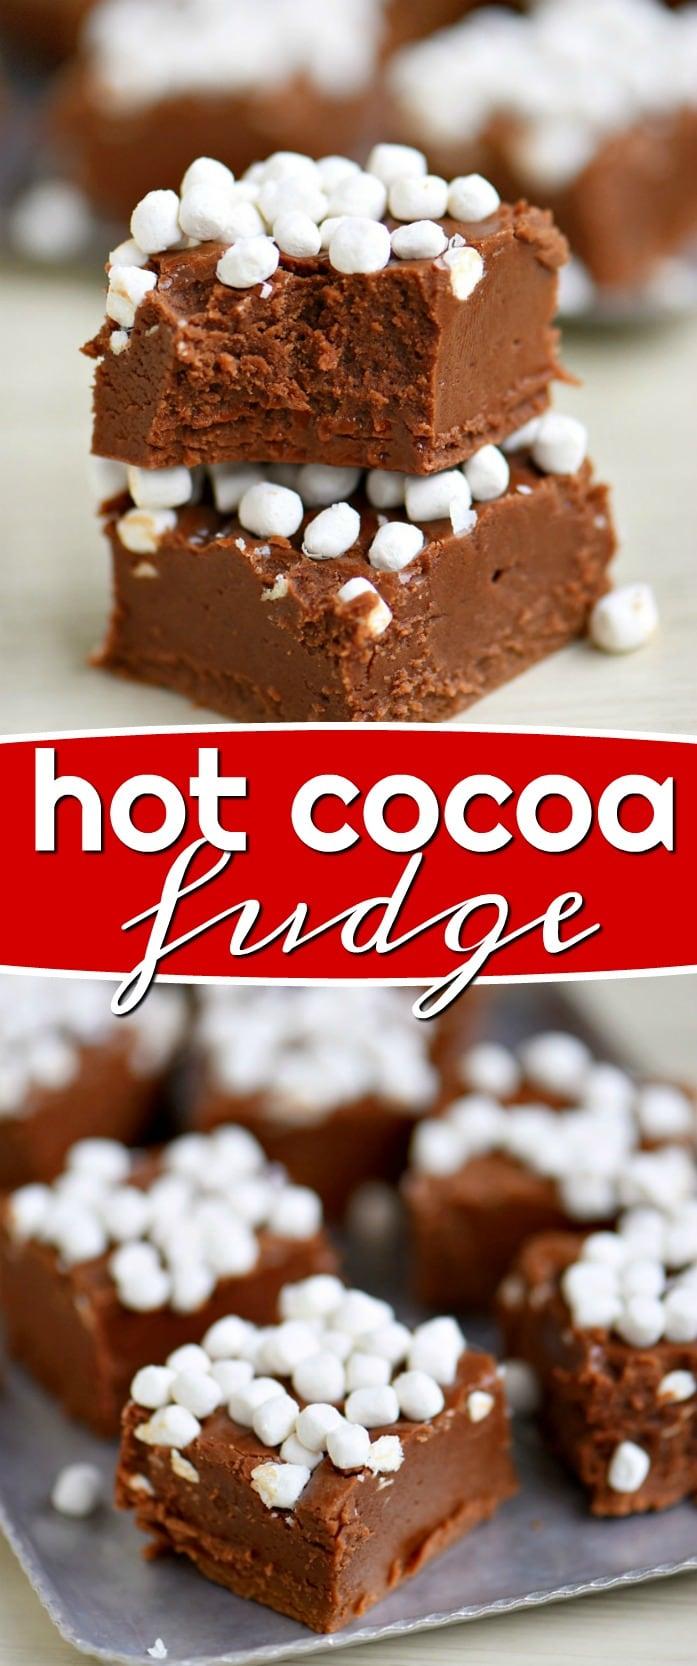 hot-cocoa-fudge-recipe-collage